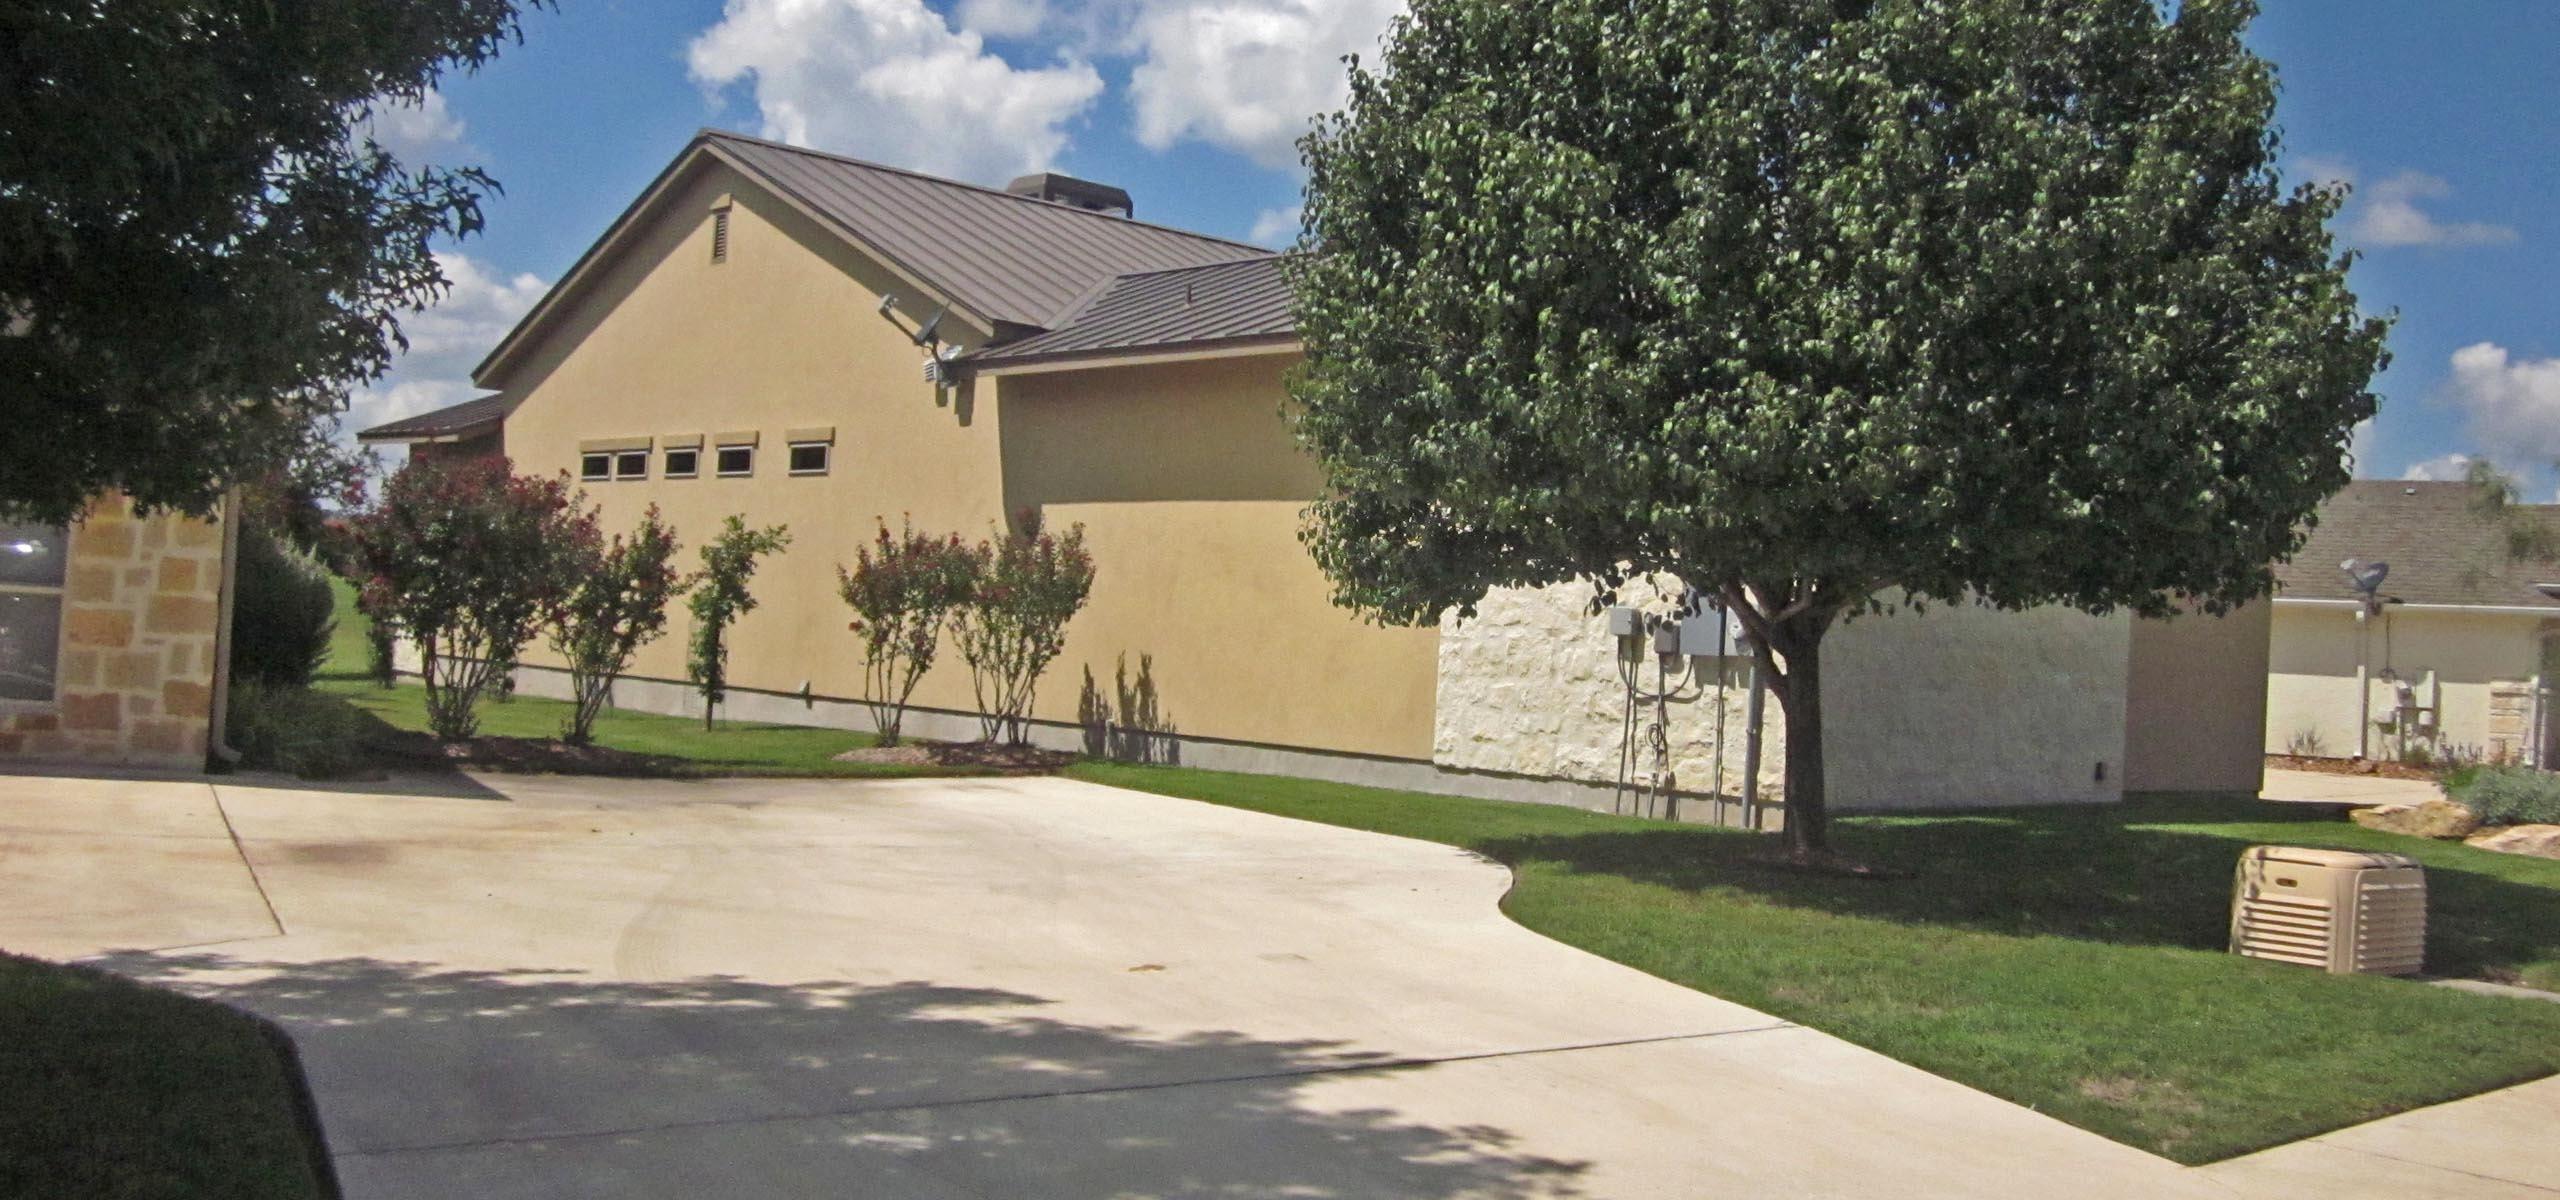 Slates Garden Home Texas Home Plans